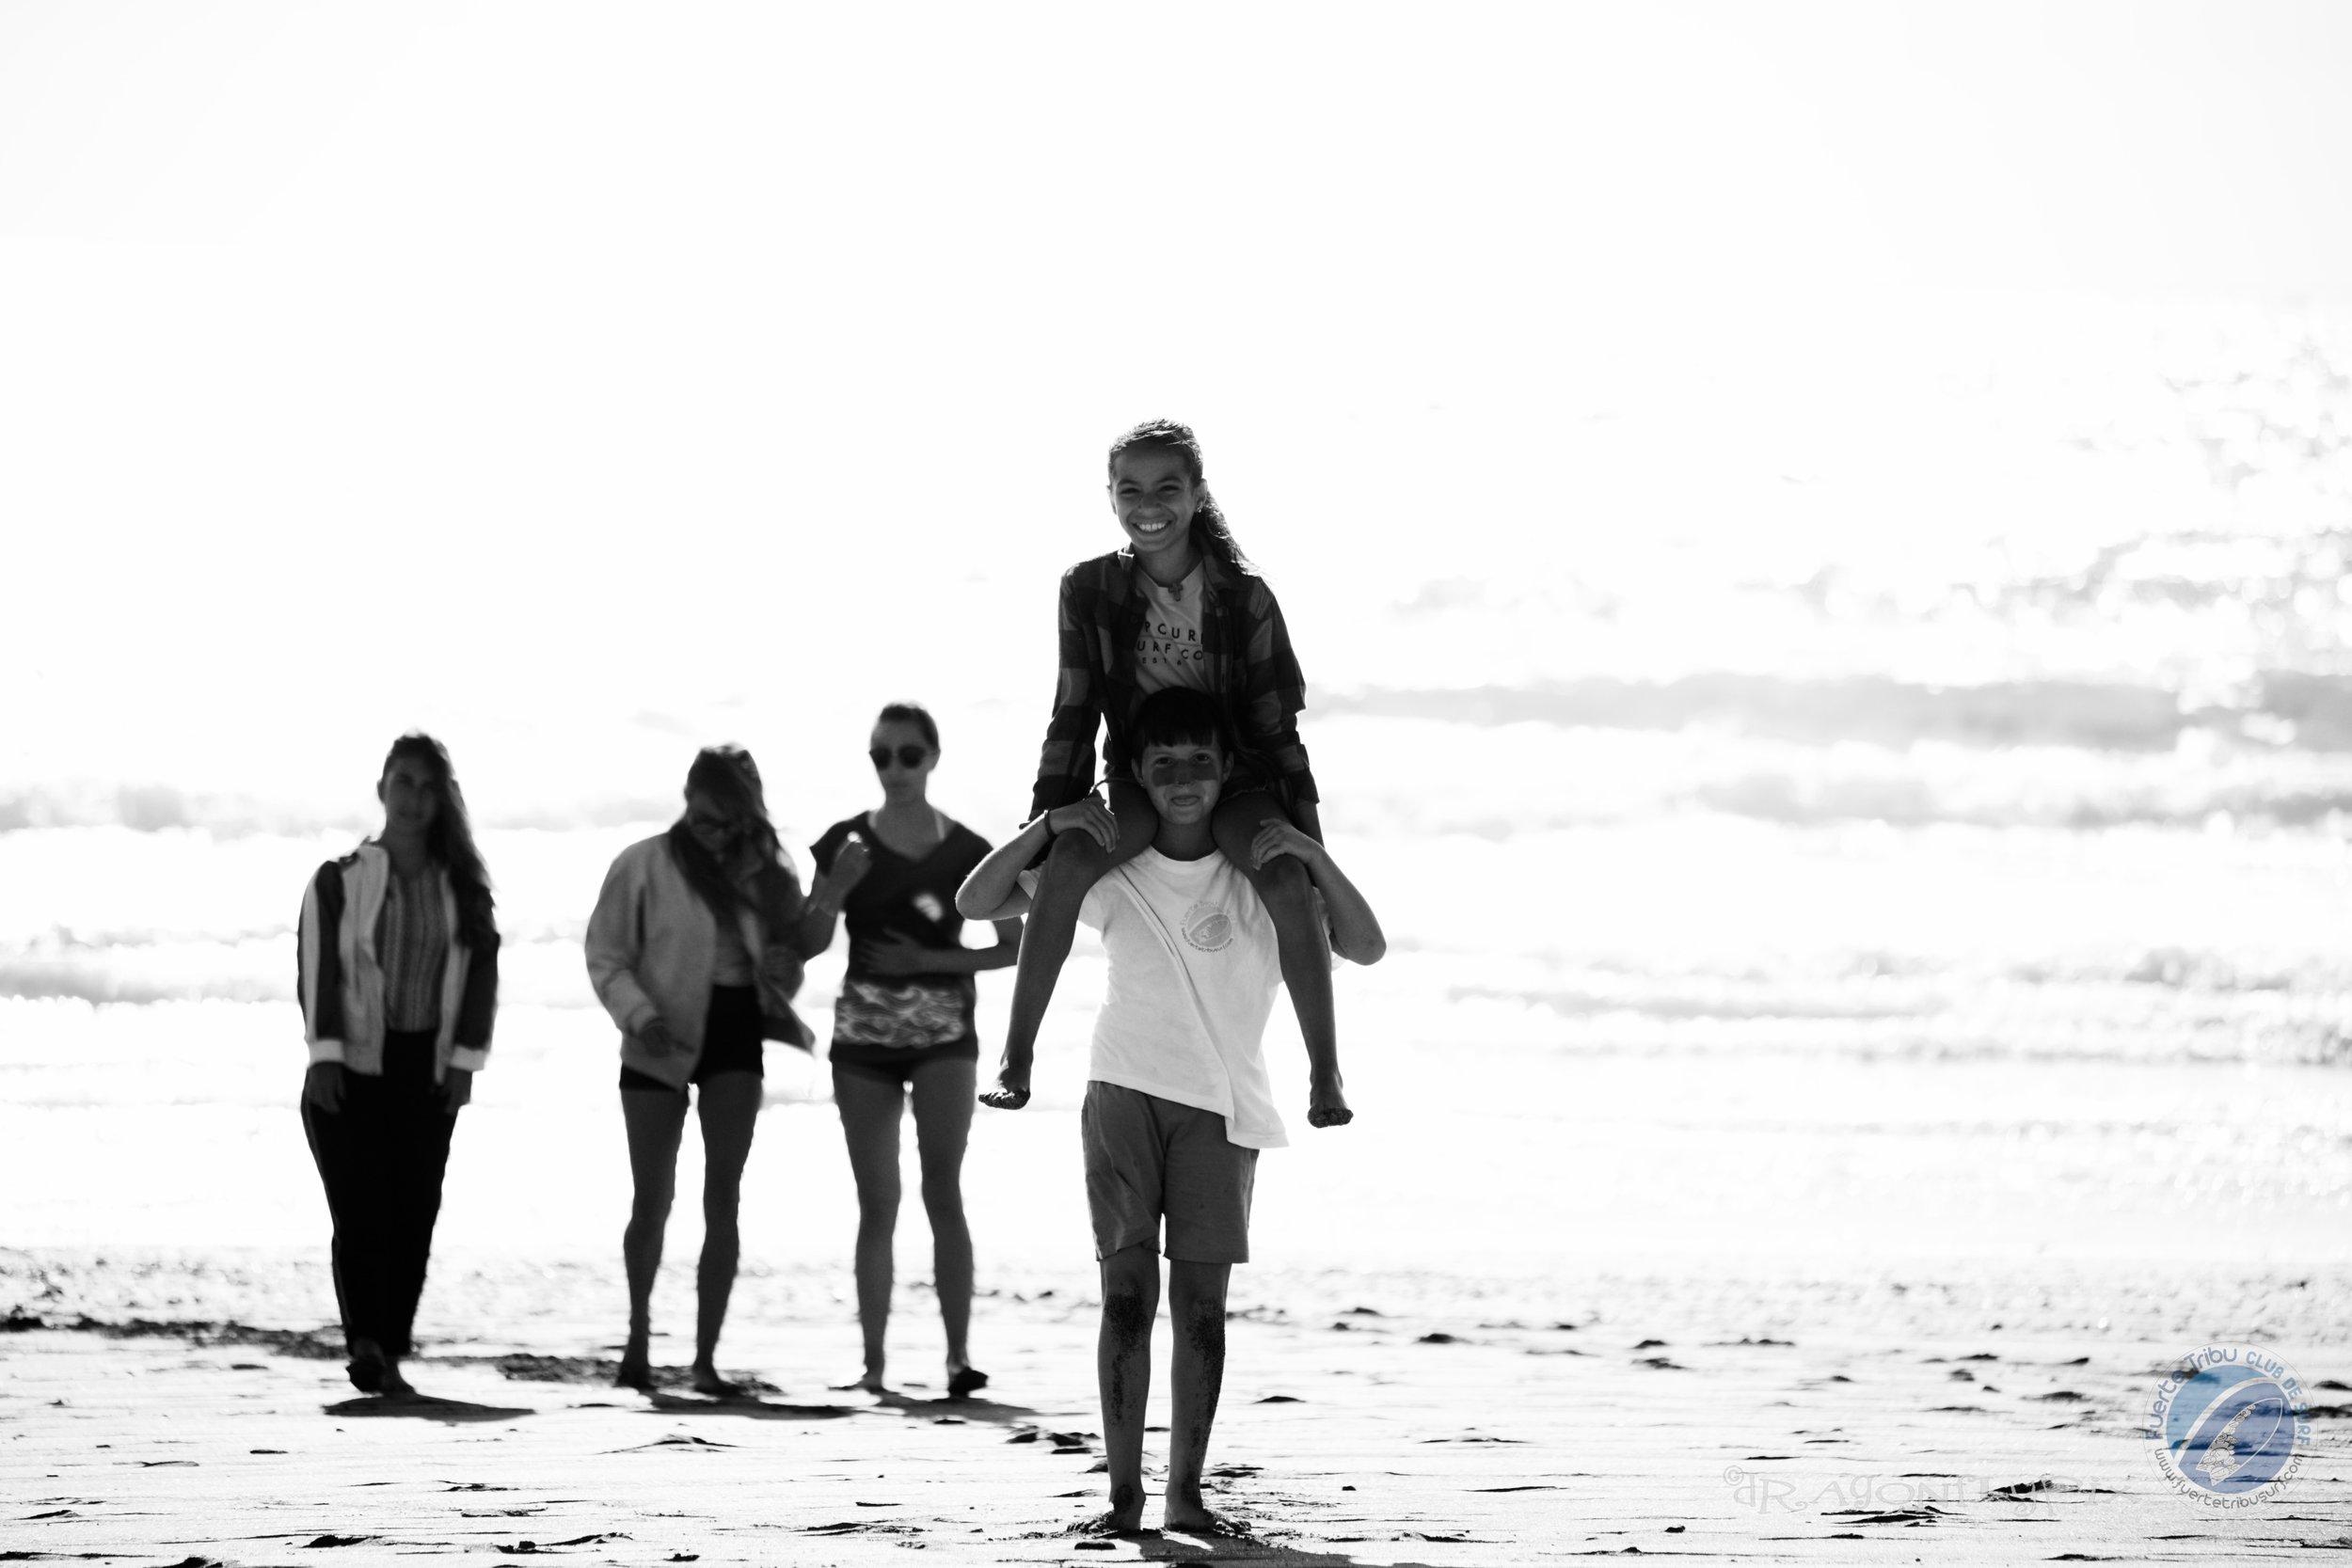 FUERTETRIBU_INTRACLUB_SURF_CAMPEONATO_KIDSIMG_0140.jpg